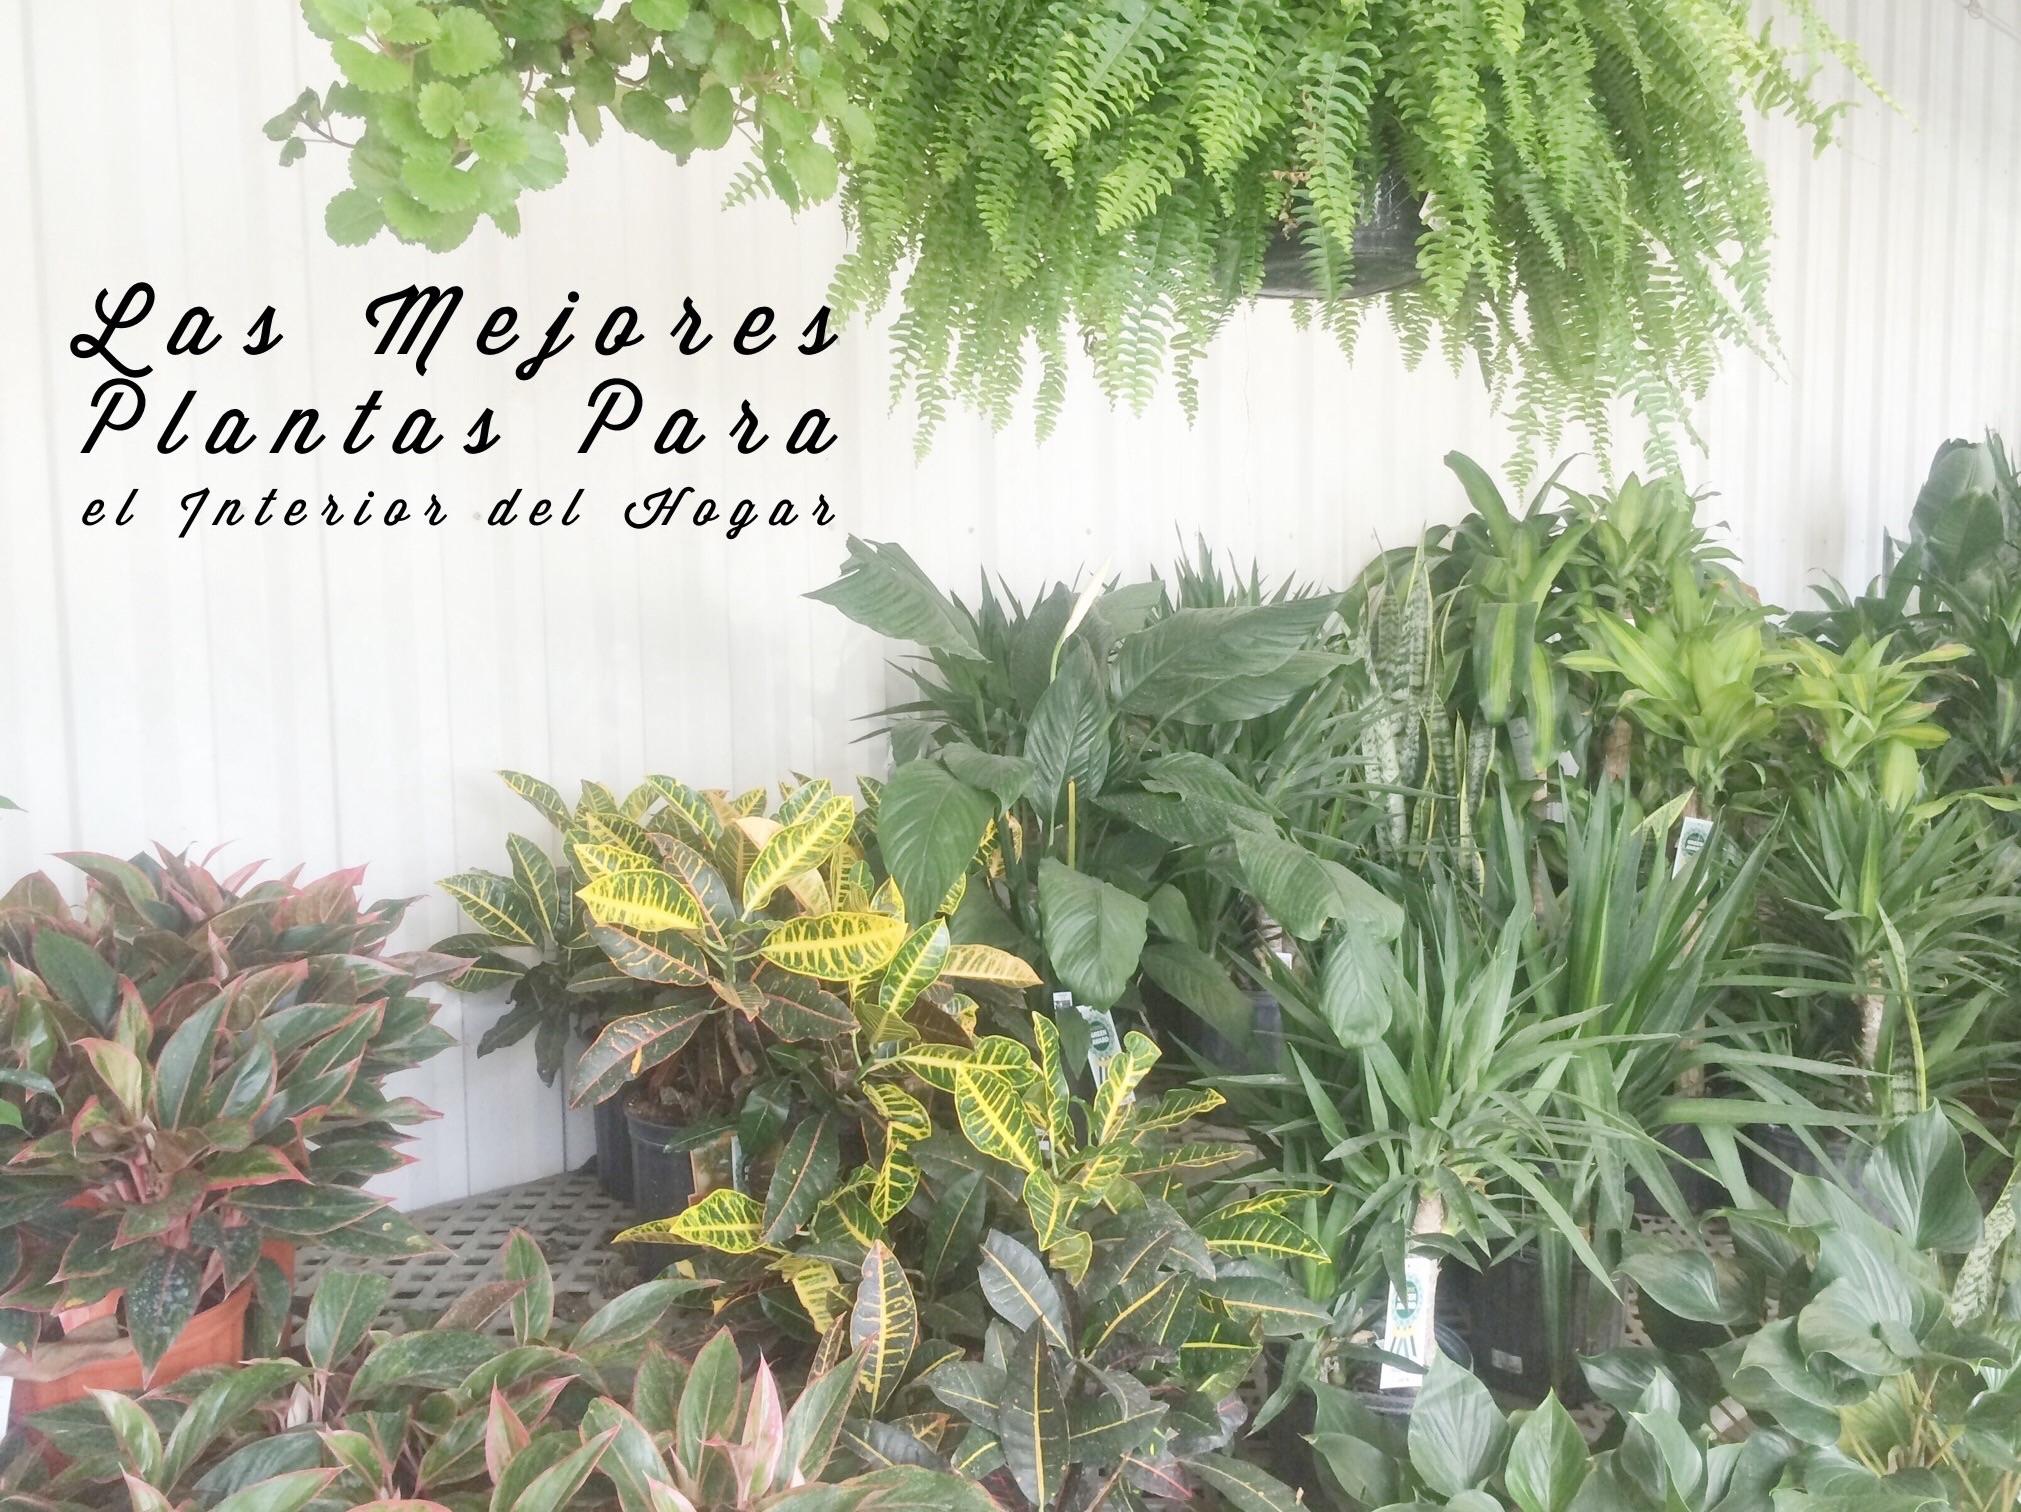 Las mejores plantas para el interior del hogar - Plantas del interior ...